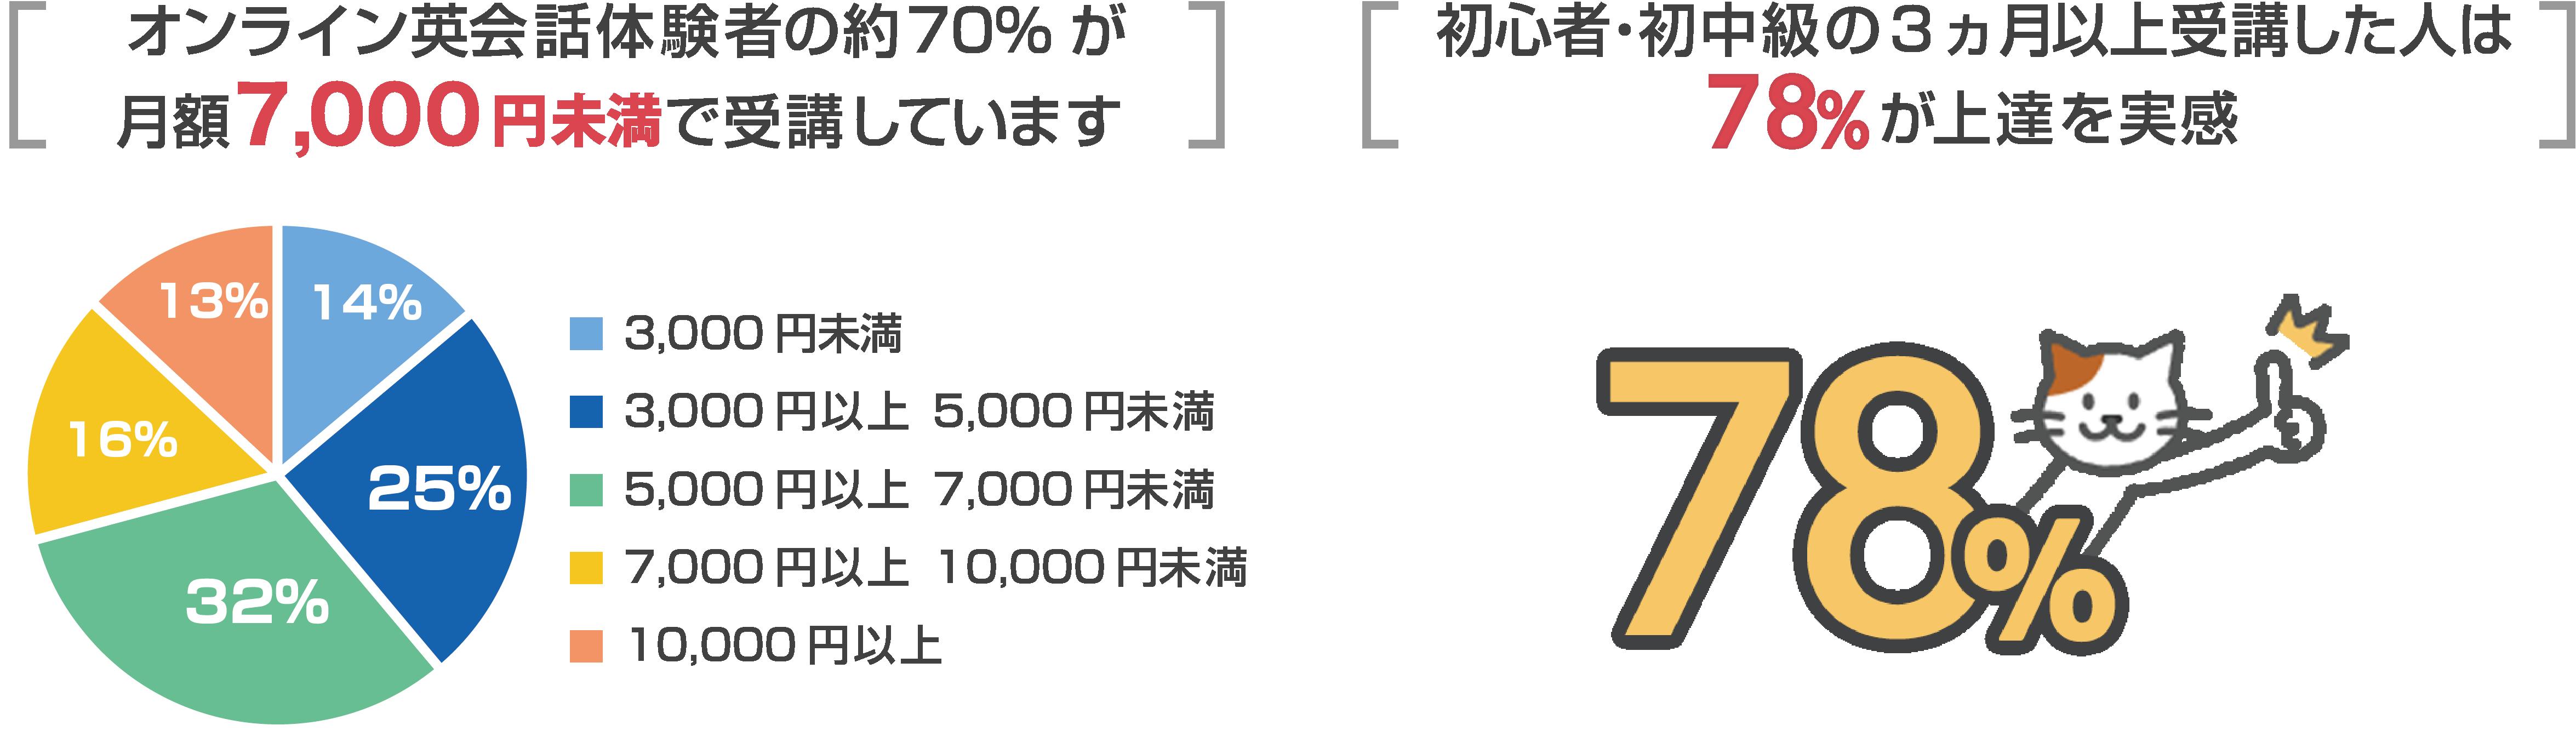 オンライン英会話体験者の約70%が月額6,000円未満で受講しています。初心者・初中級の3カ月以上受講した人は86%が上達を実感。